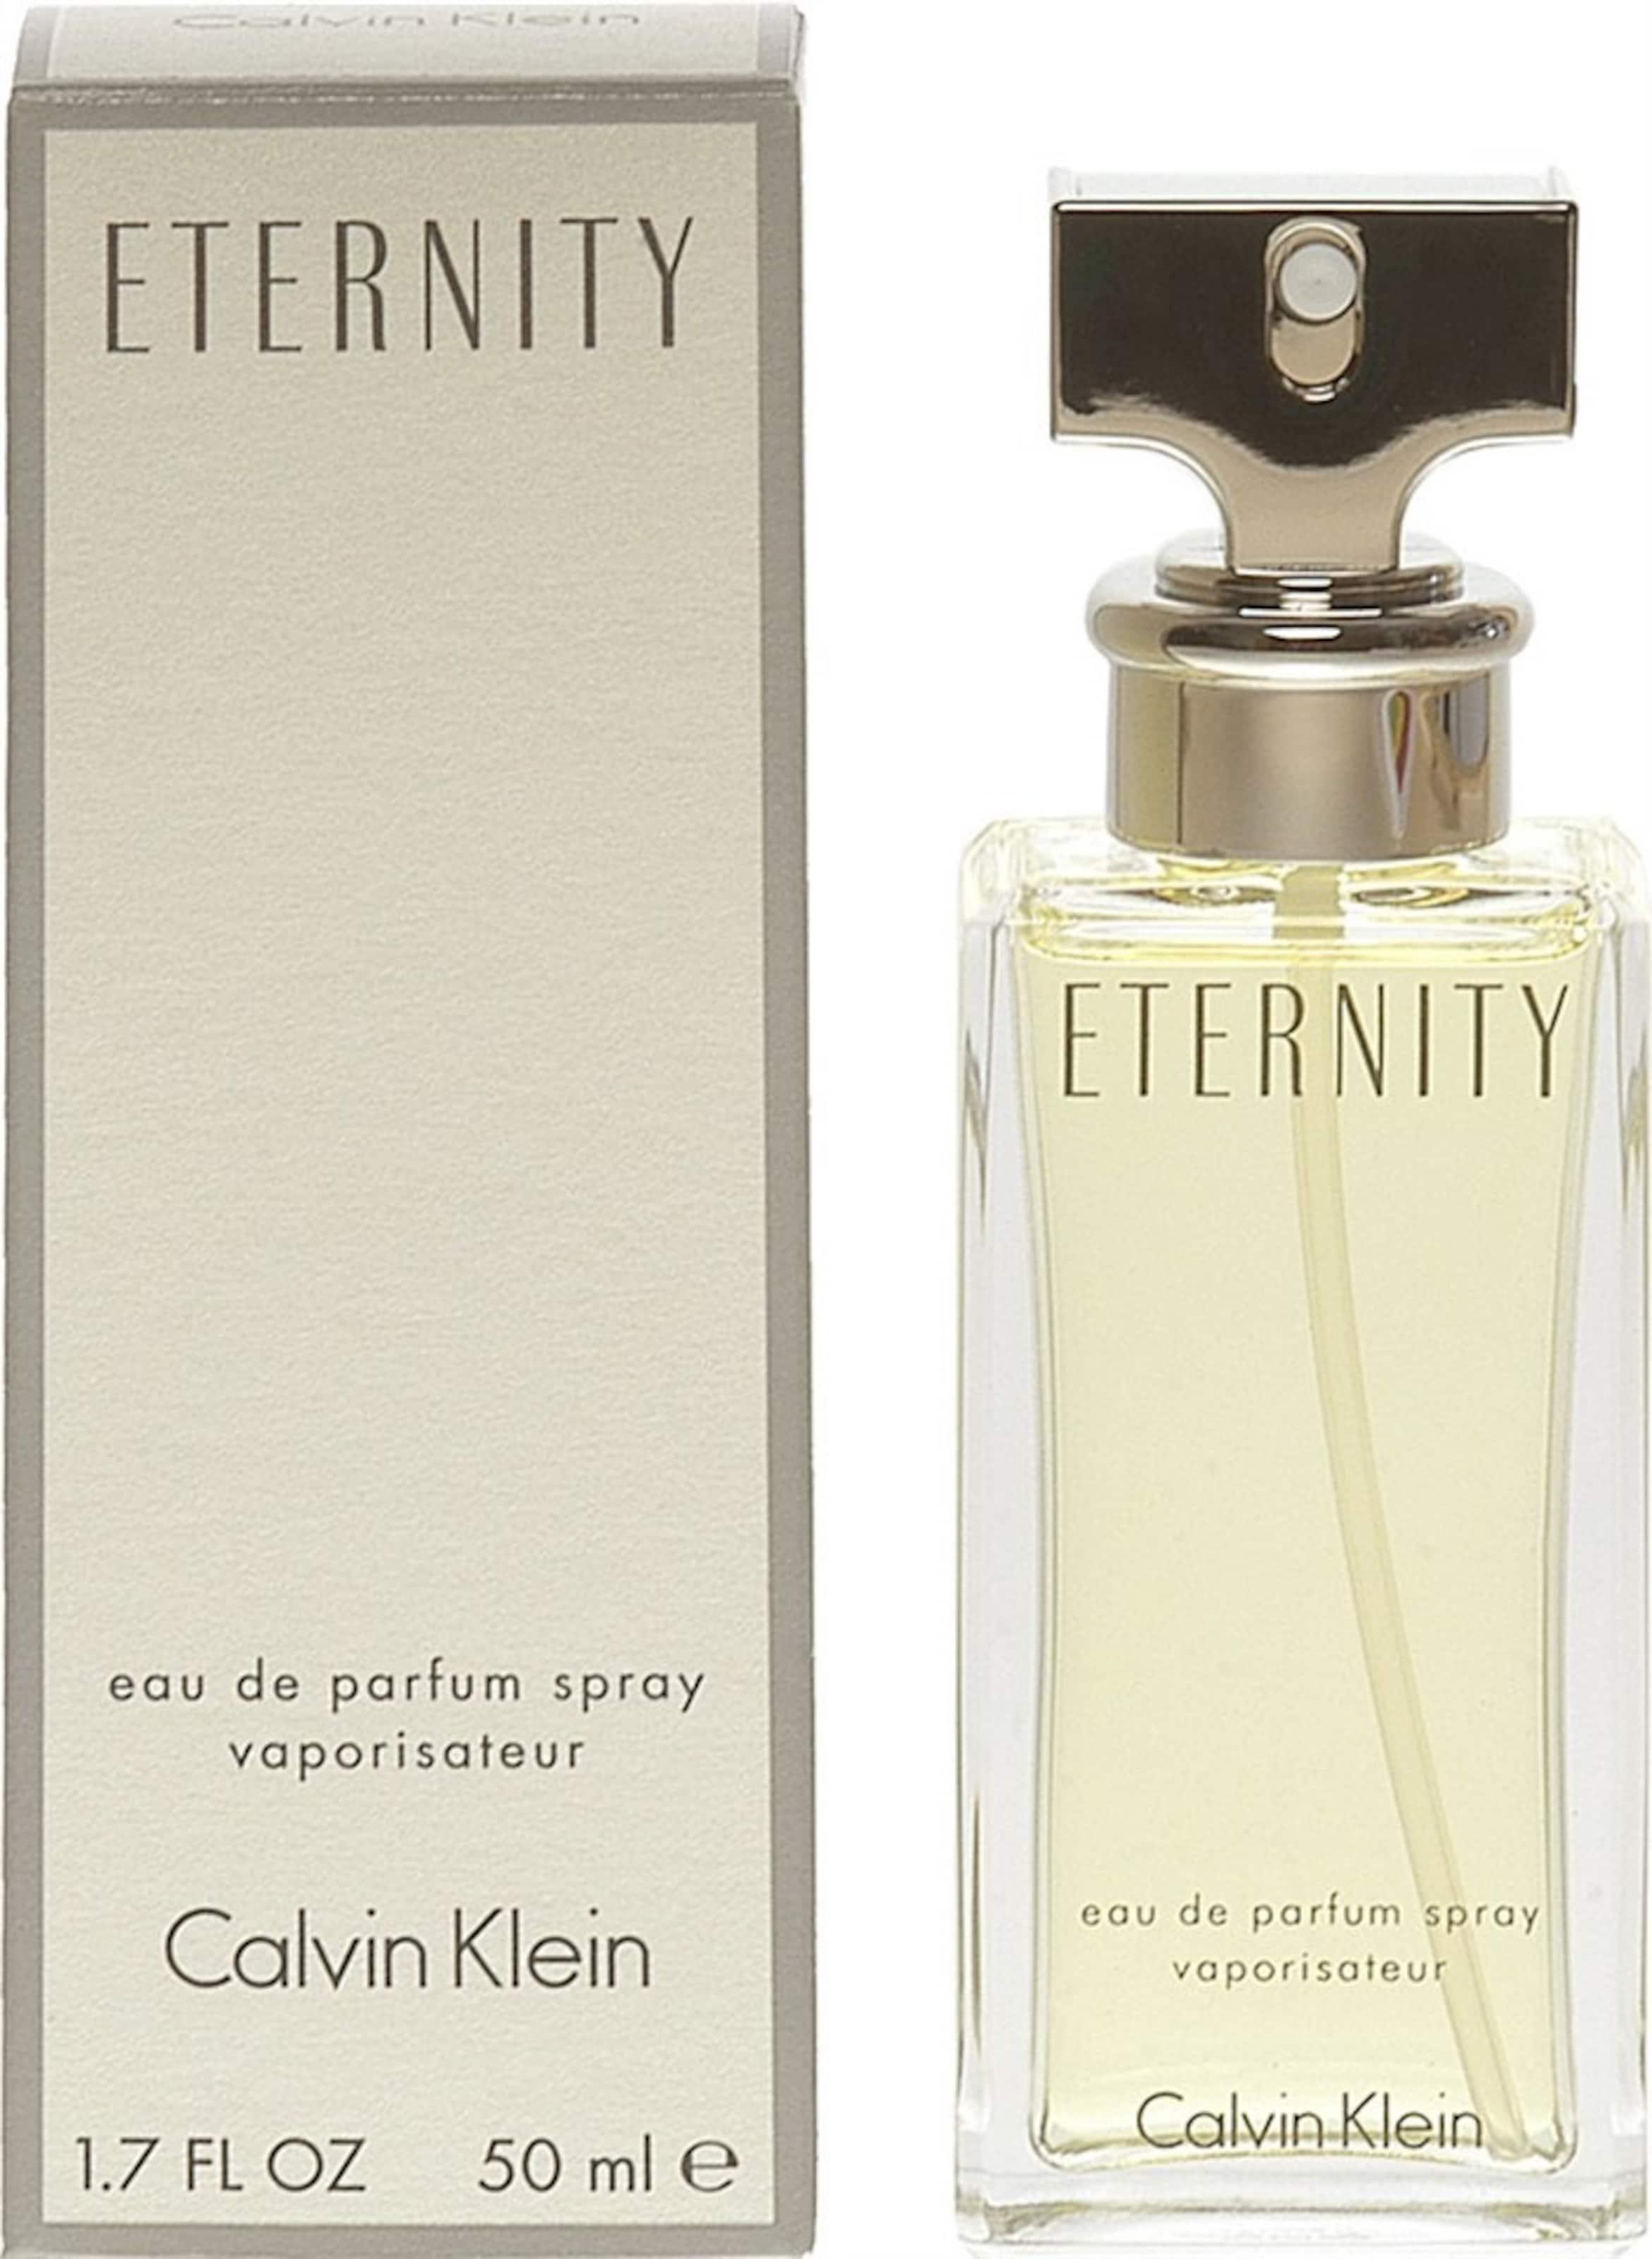 Calvin Klein 'Eternity' Eau de Parfum Günstig Kaufen Browse Classic Zum Verkauf VwDvWwvXCT